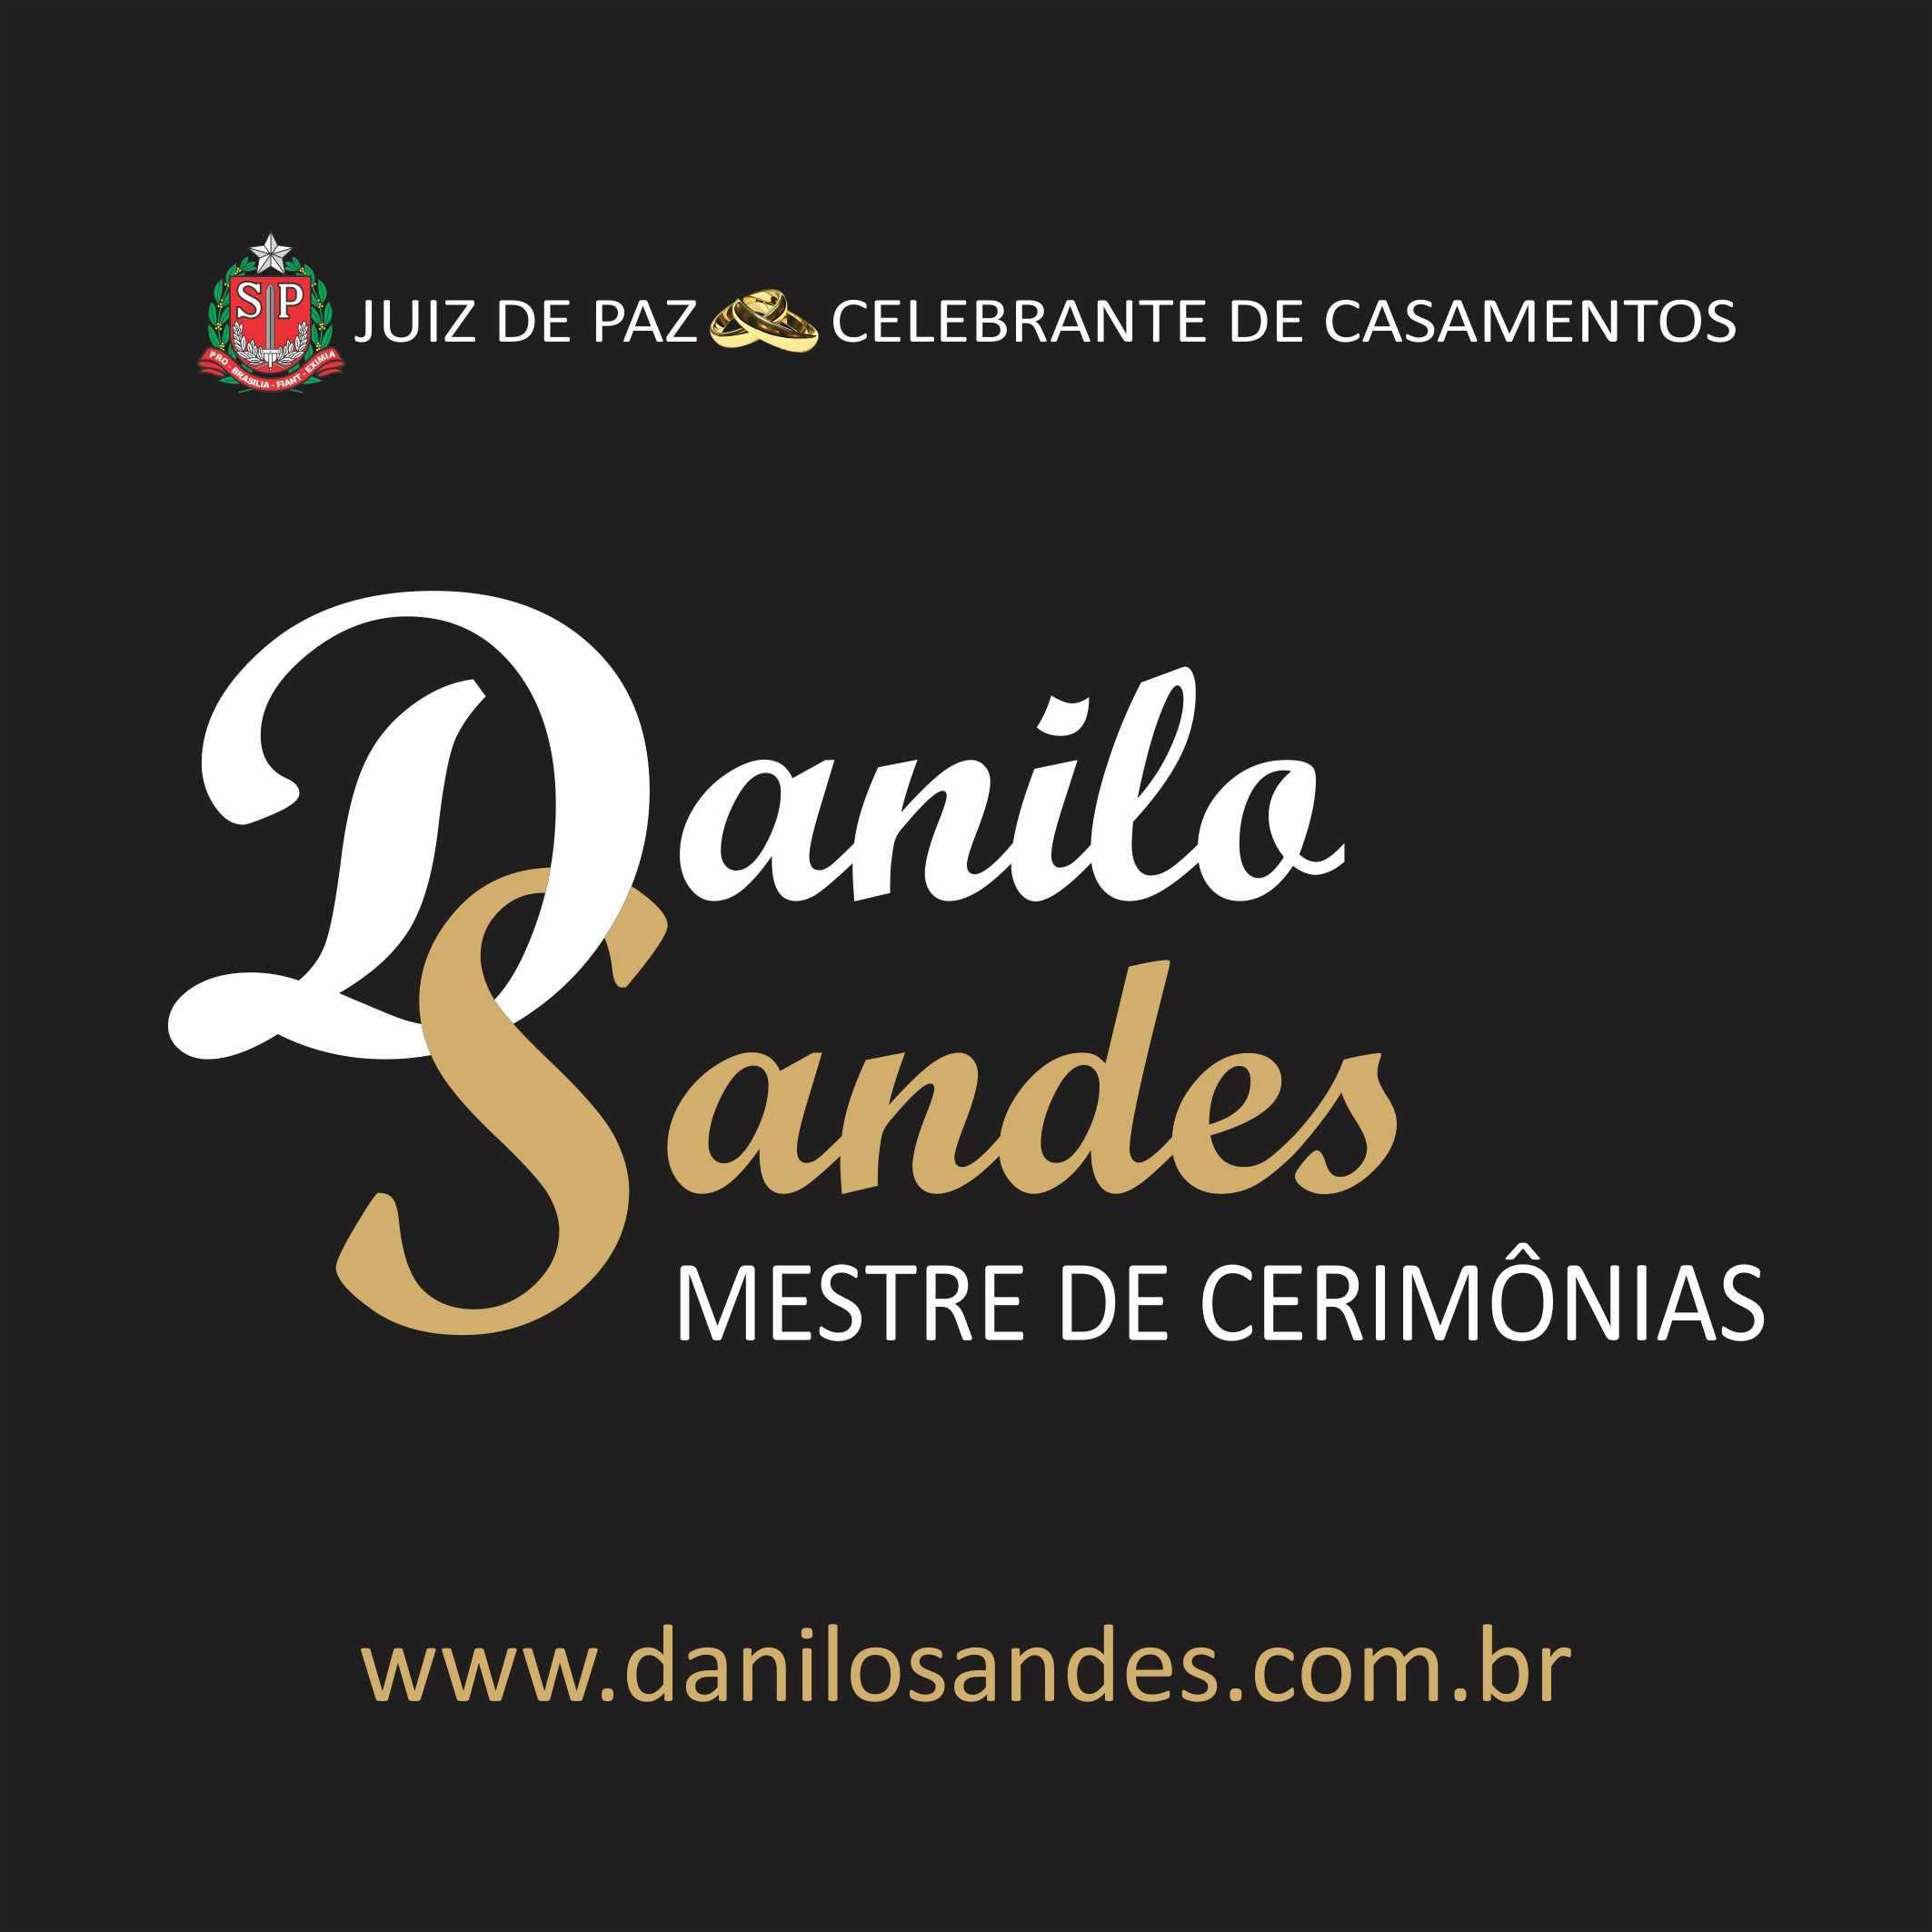 Danilo Sandes